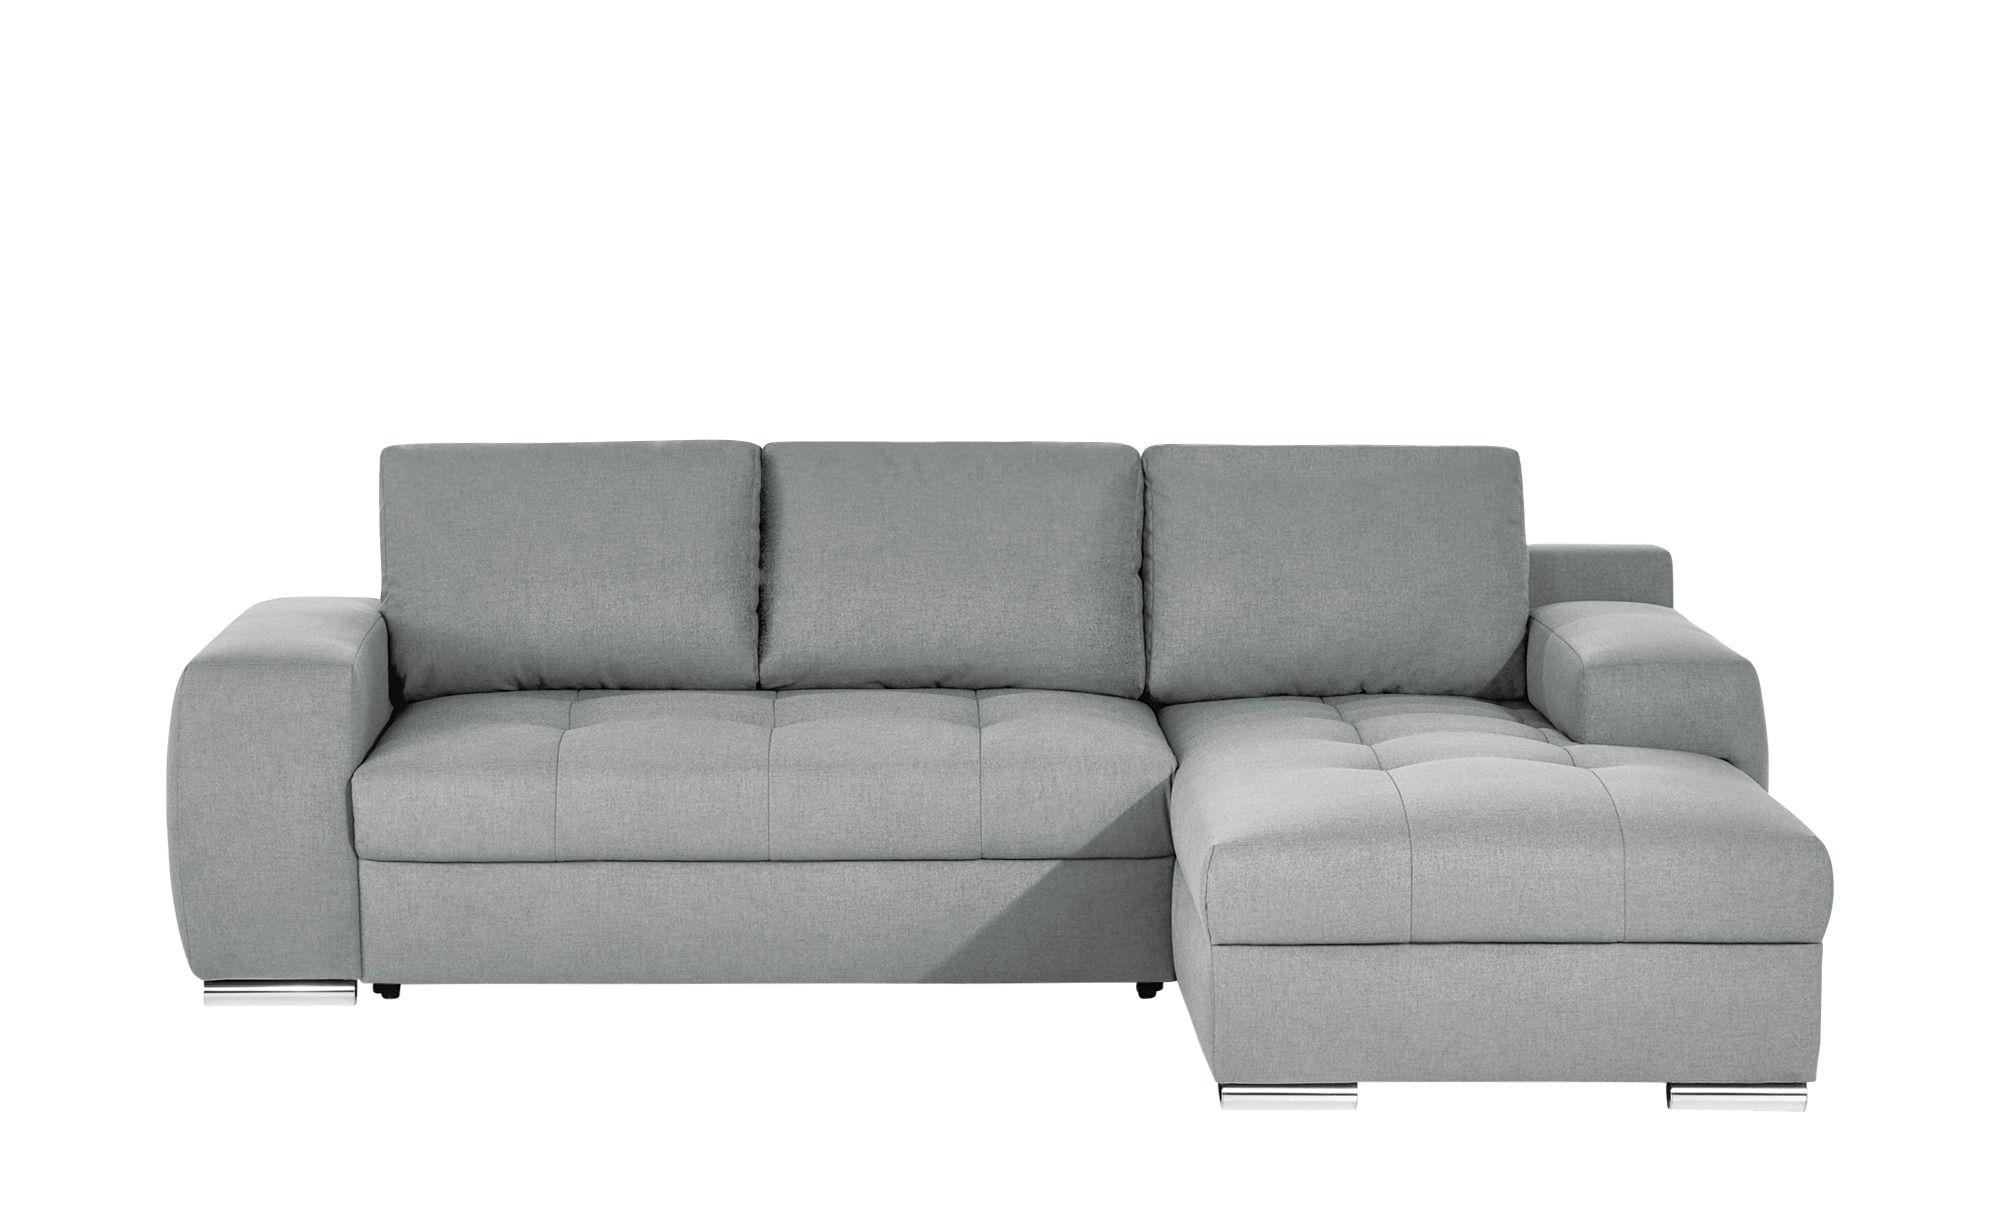 Pin By Ladendirekt On Sofas Couches Ecksofa Schlaffunktion Sofa